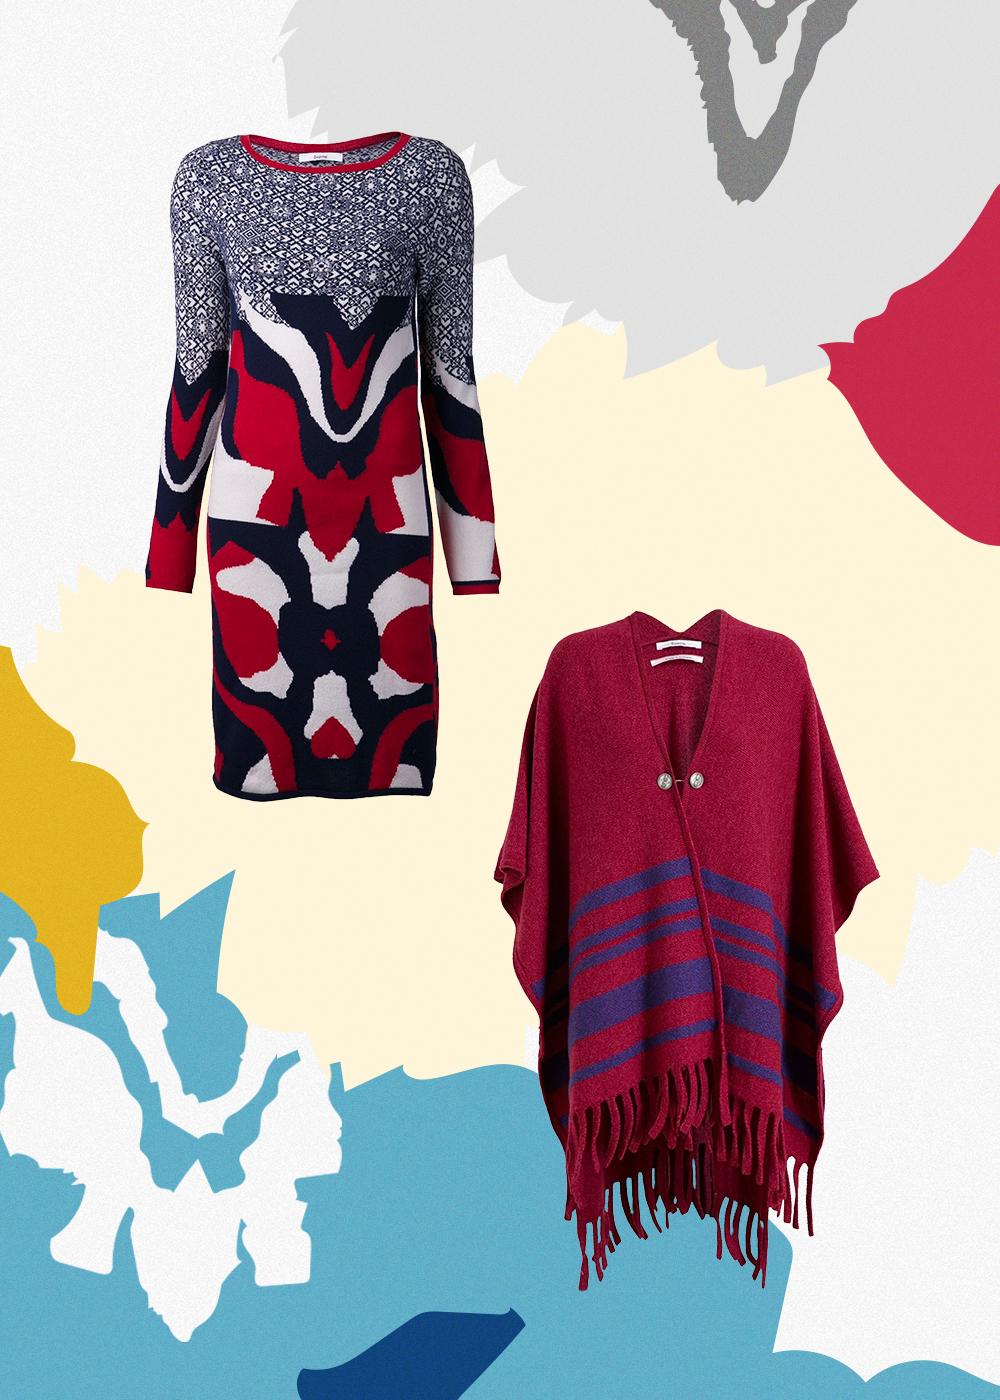 Maison-Mittwe-Barrie-Knitwear-Premium-Cashmere-Chanel-Karl-Lagerfeld